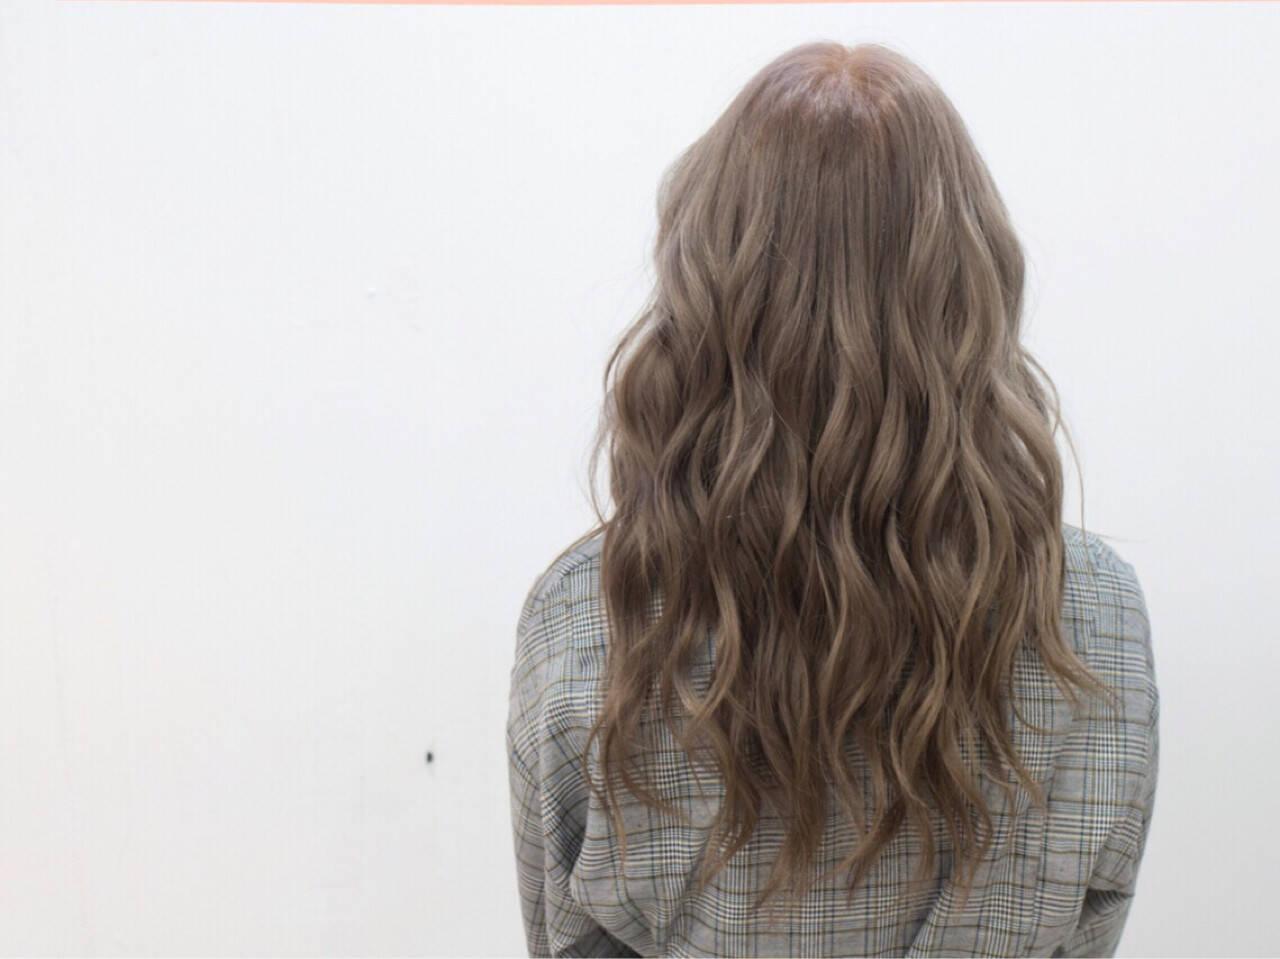 フェミニン ヘアアレンジ おフェロ ハイライトヘアスタイルや髪型の写真・画像